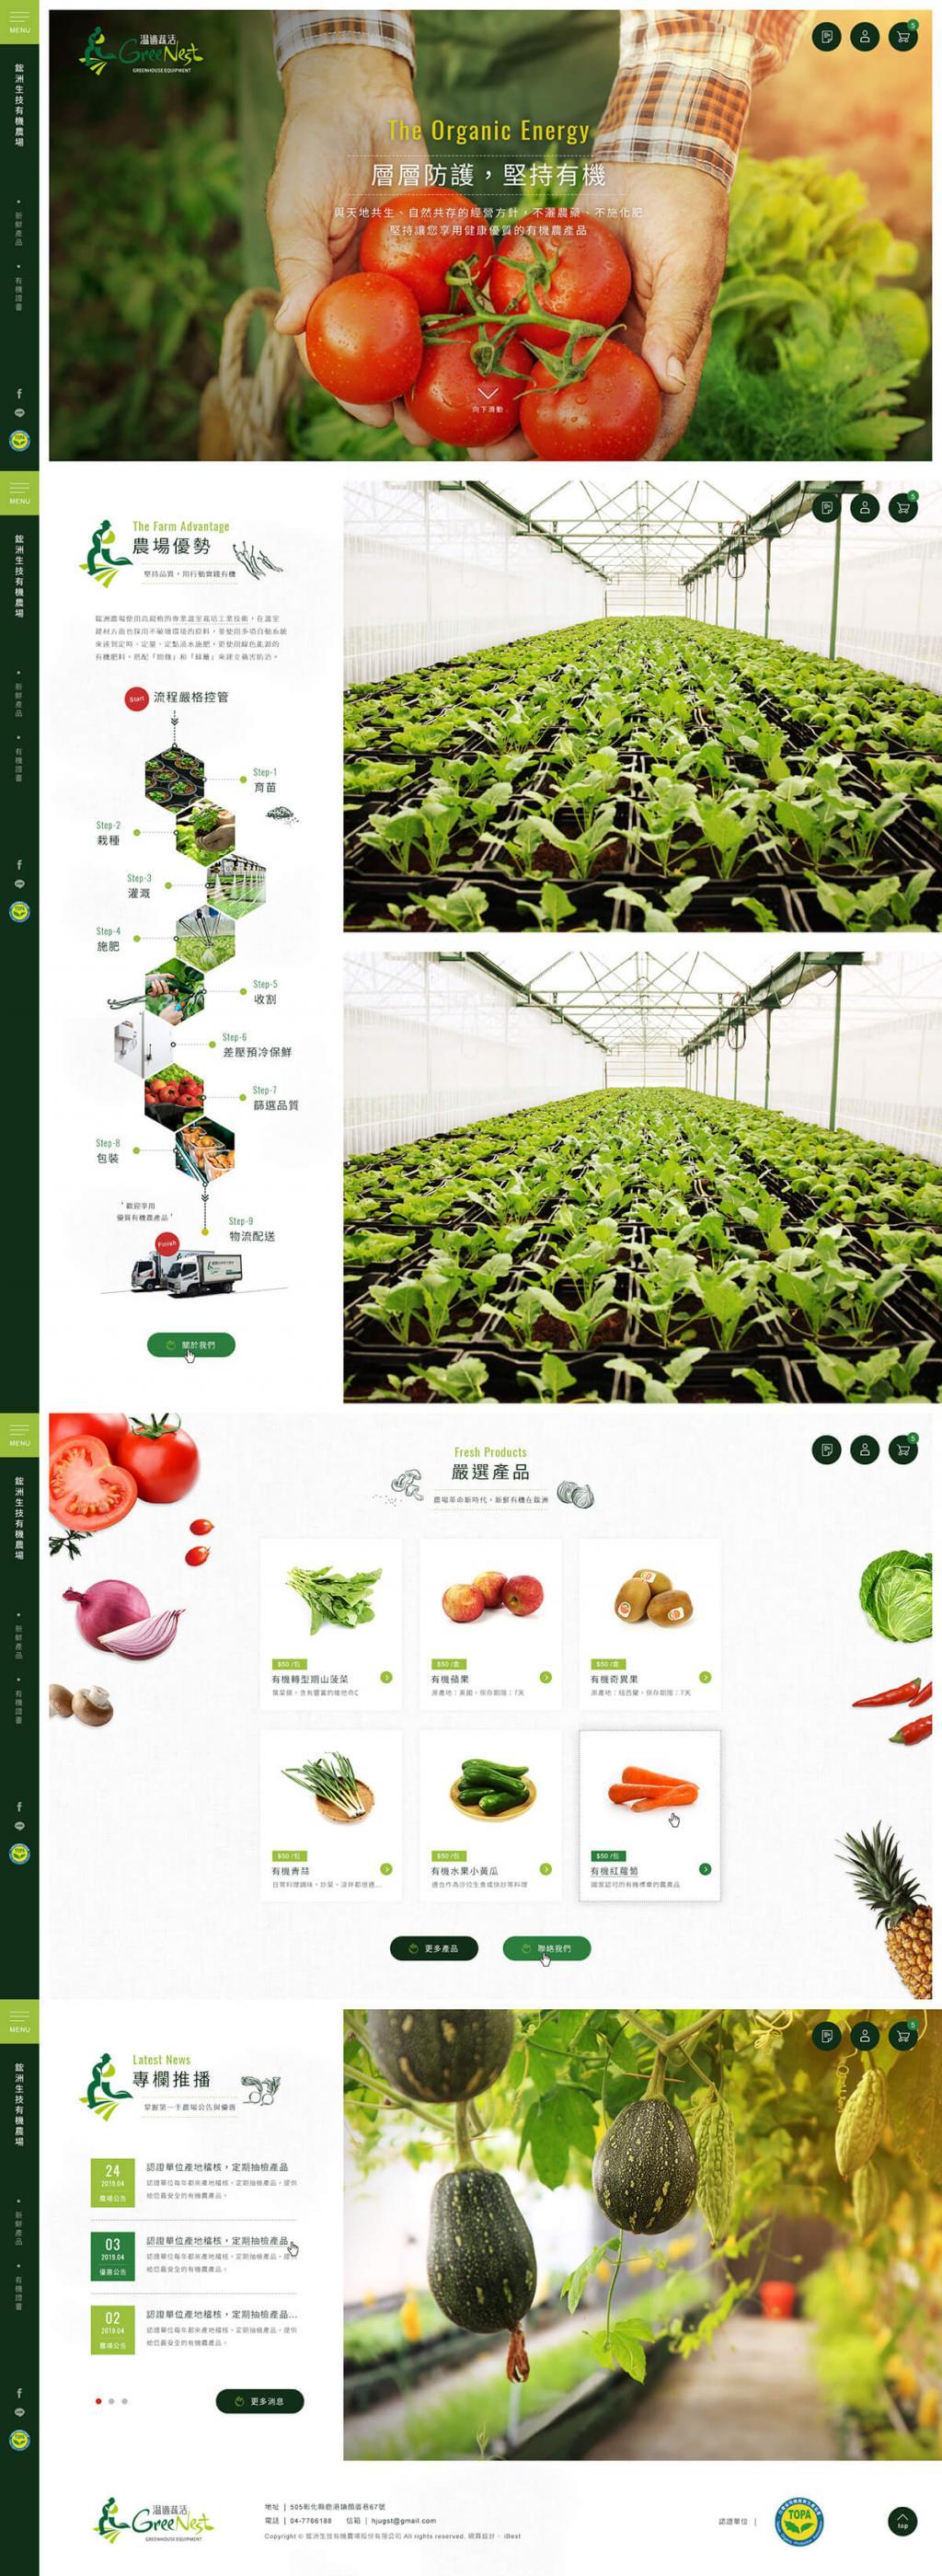 鋐洲生技有機農場-網頁設計